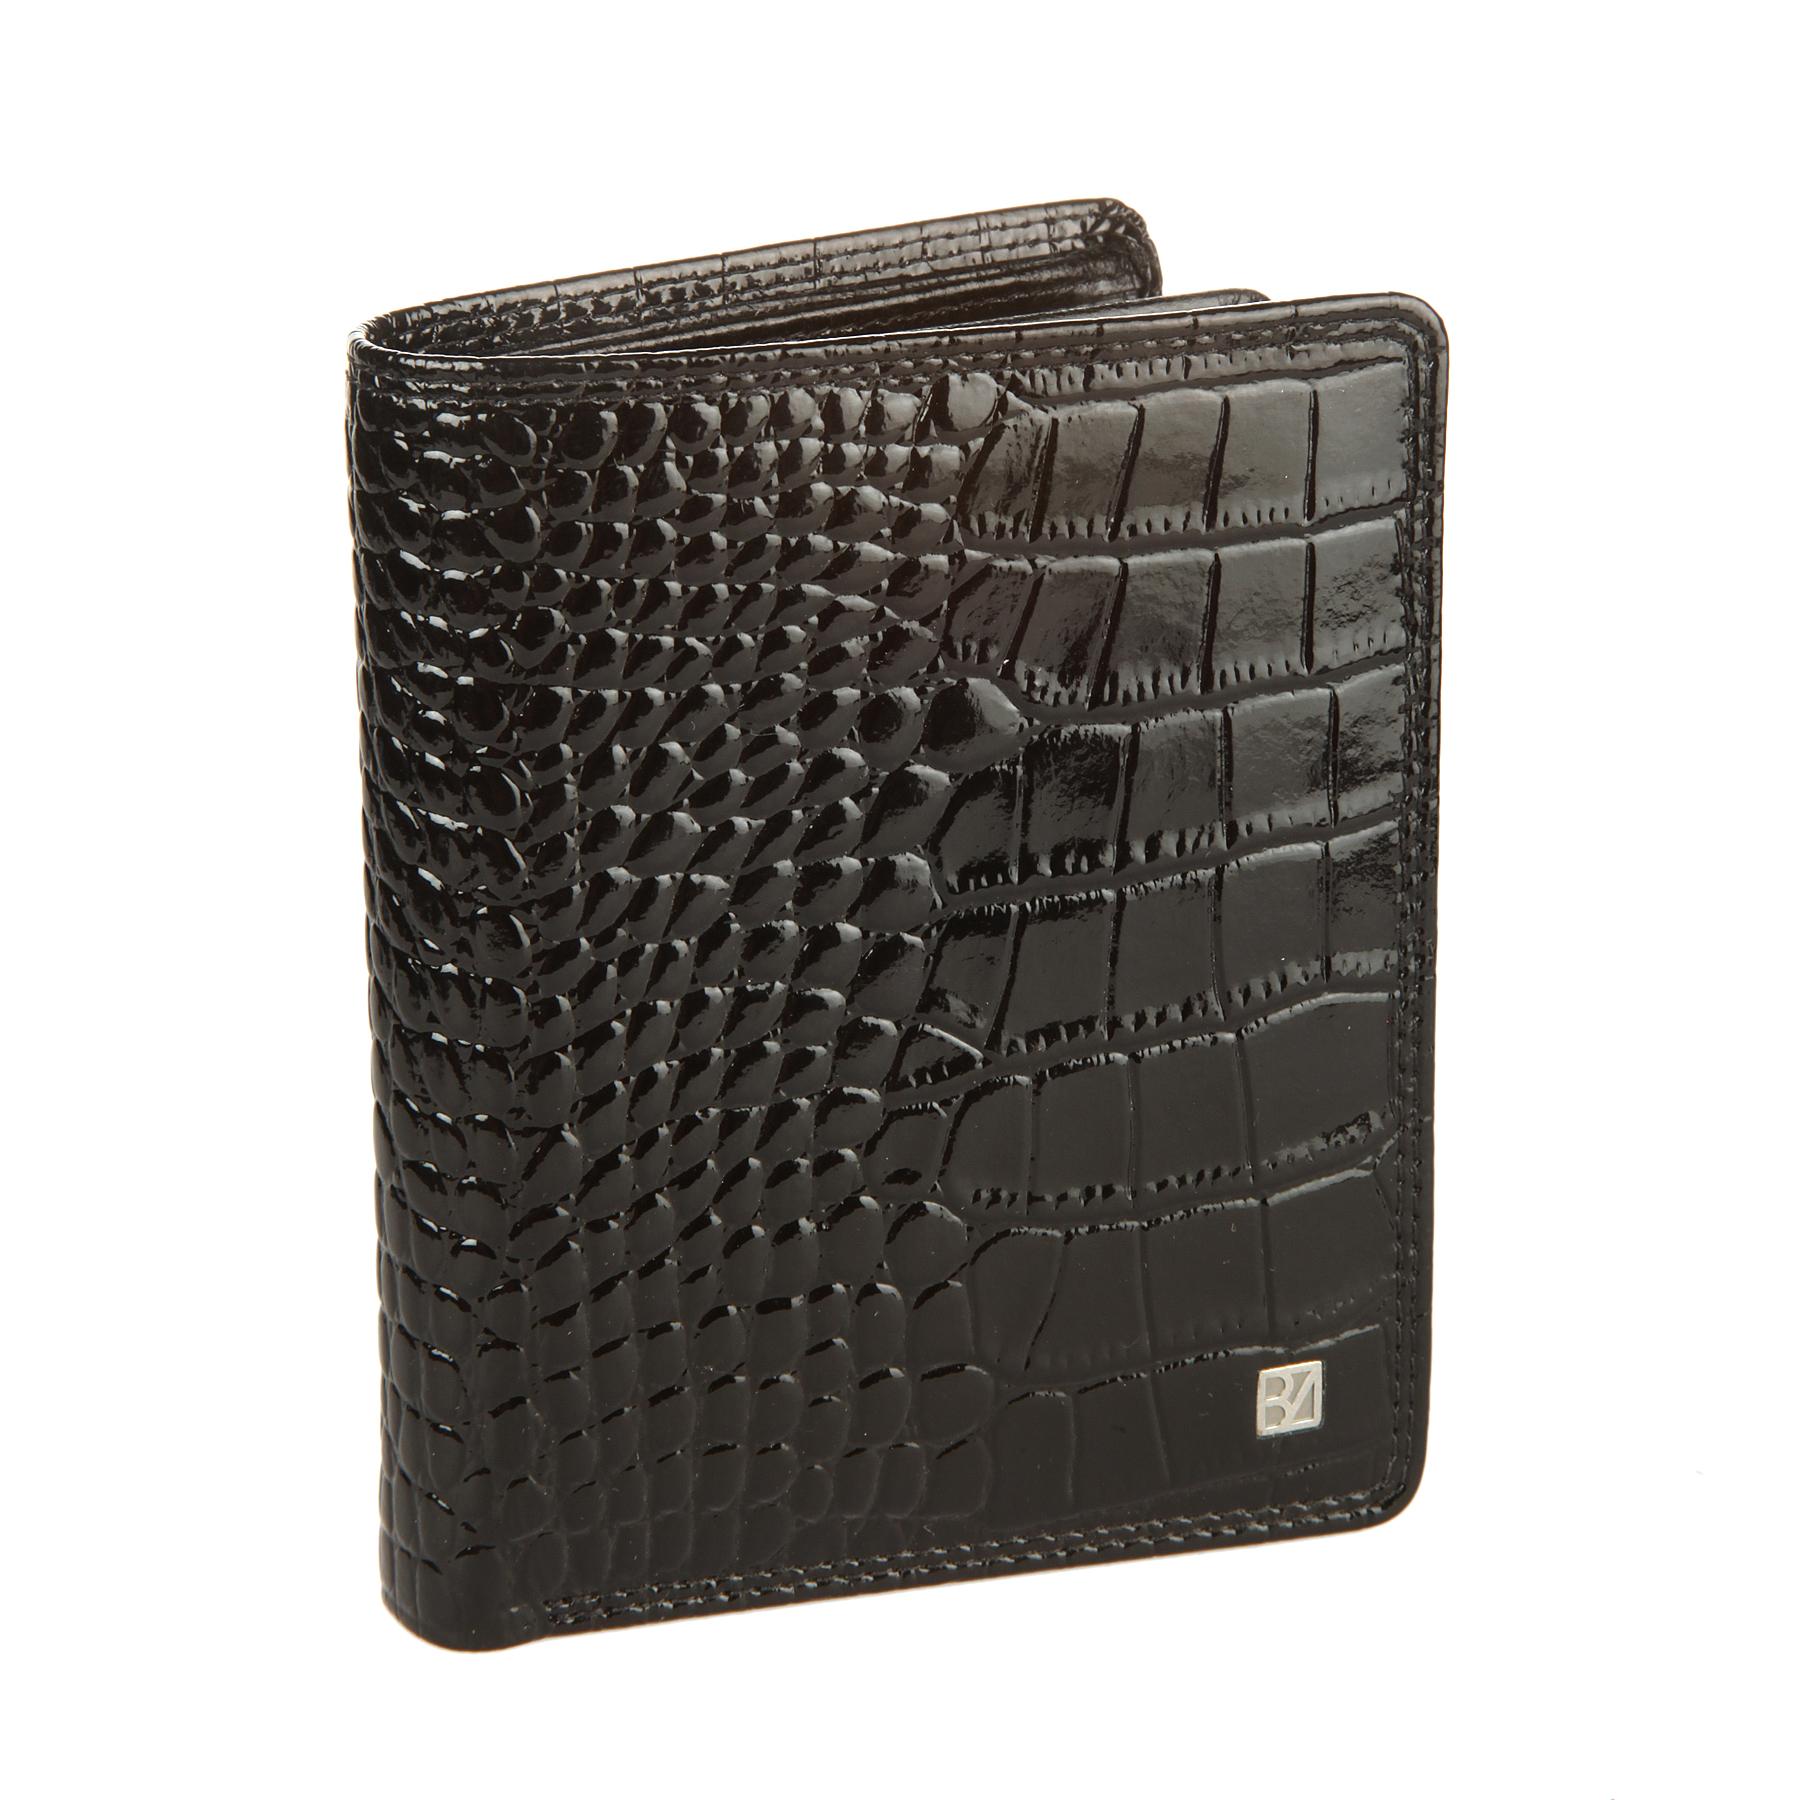 Кошелек женский Bodenschatz, цвет: черный. 4-768 black4-768 blackРаскладывается пополам, внутри два отдела для купюр, шесть кармашков для пластиковых карт, отделение для мелочи на кнопке, сетчатый кармашек для пропуска.